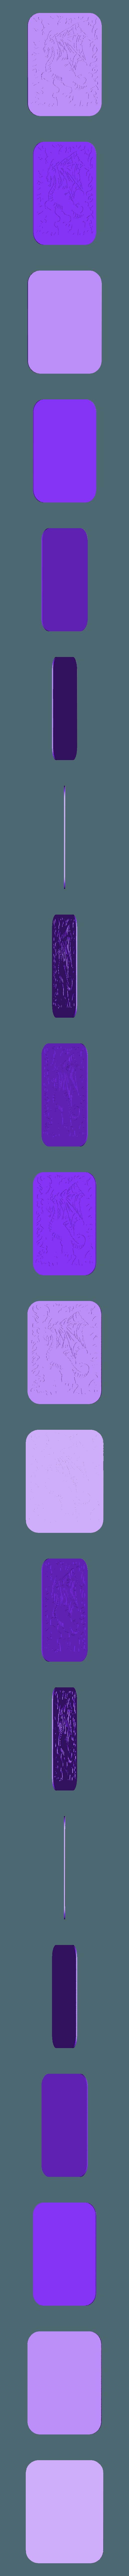 Simple_Dragon_-_Flame.stl Télécharger fichier STL gratuit Simple Dragon - Flamme • Design pour impression 3D, yb__magiic